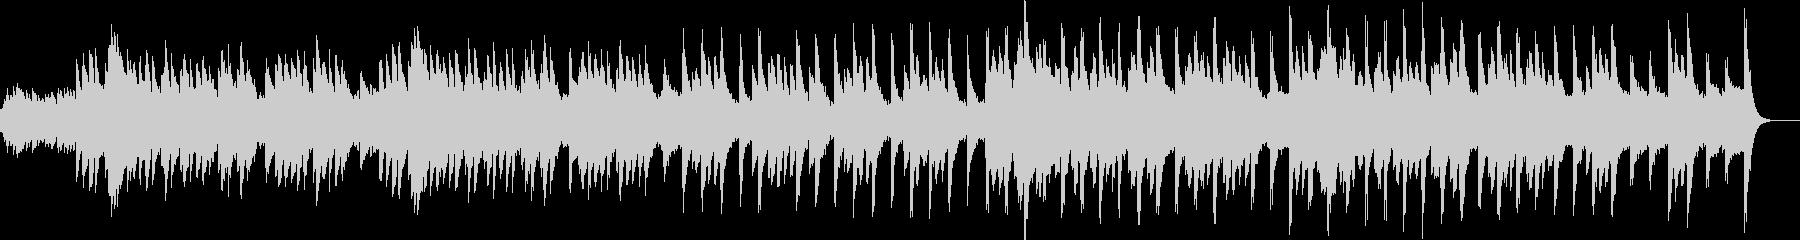 切ない感じのオルゴールのオリジナル曲ですの未再生の波形